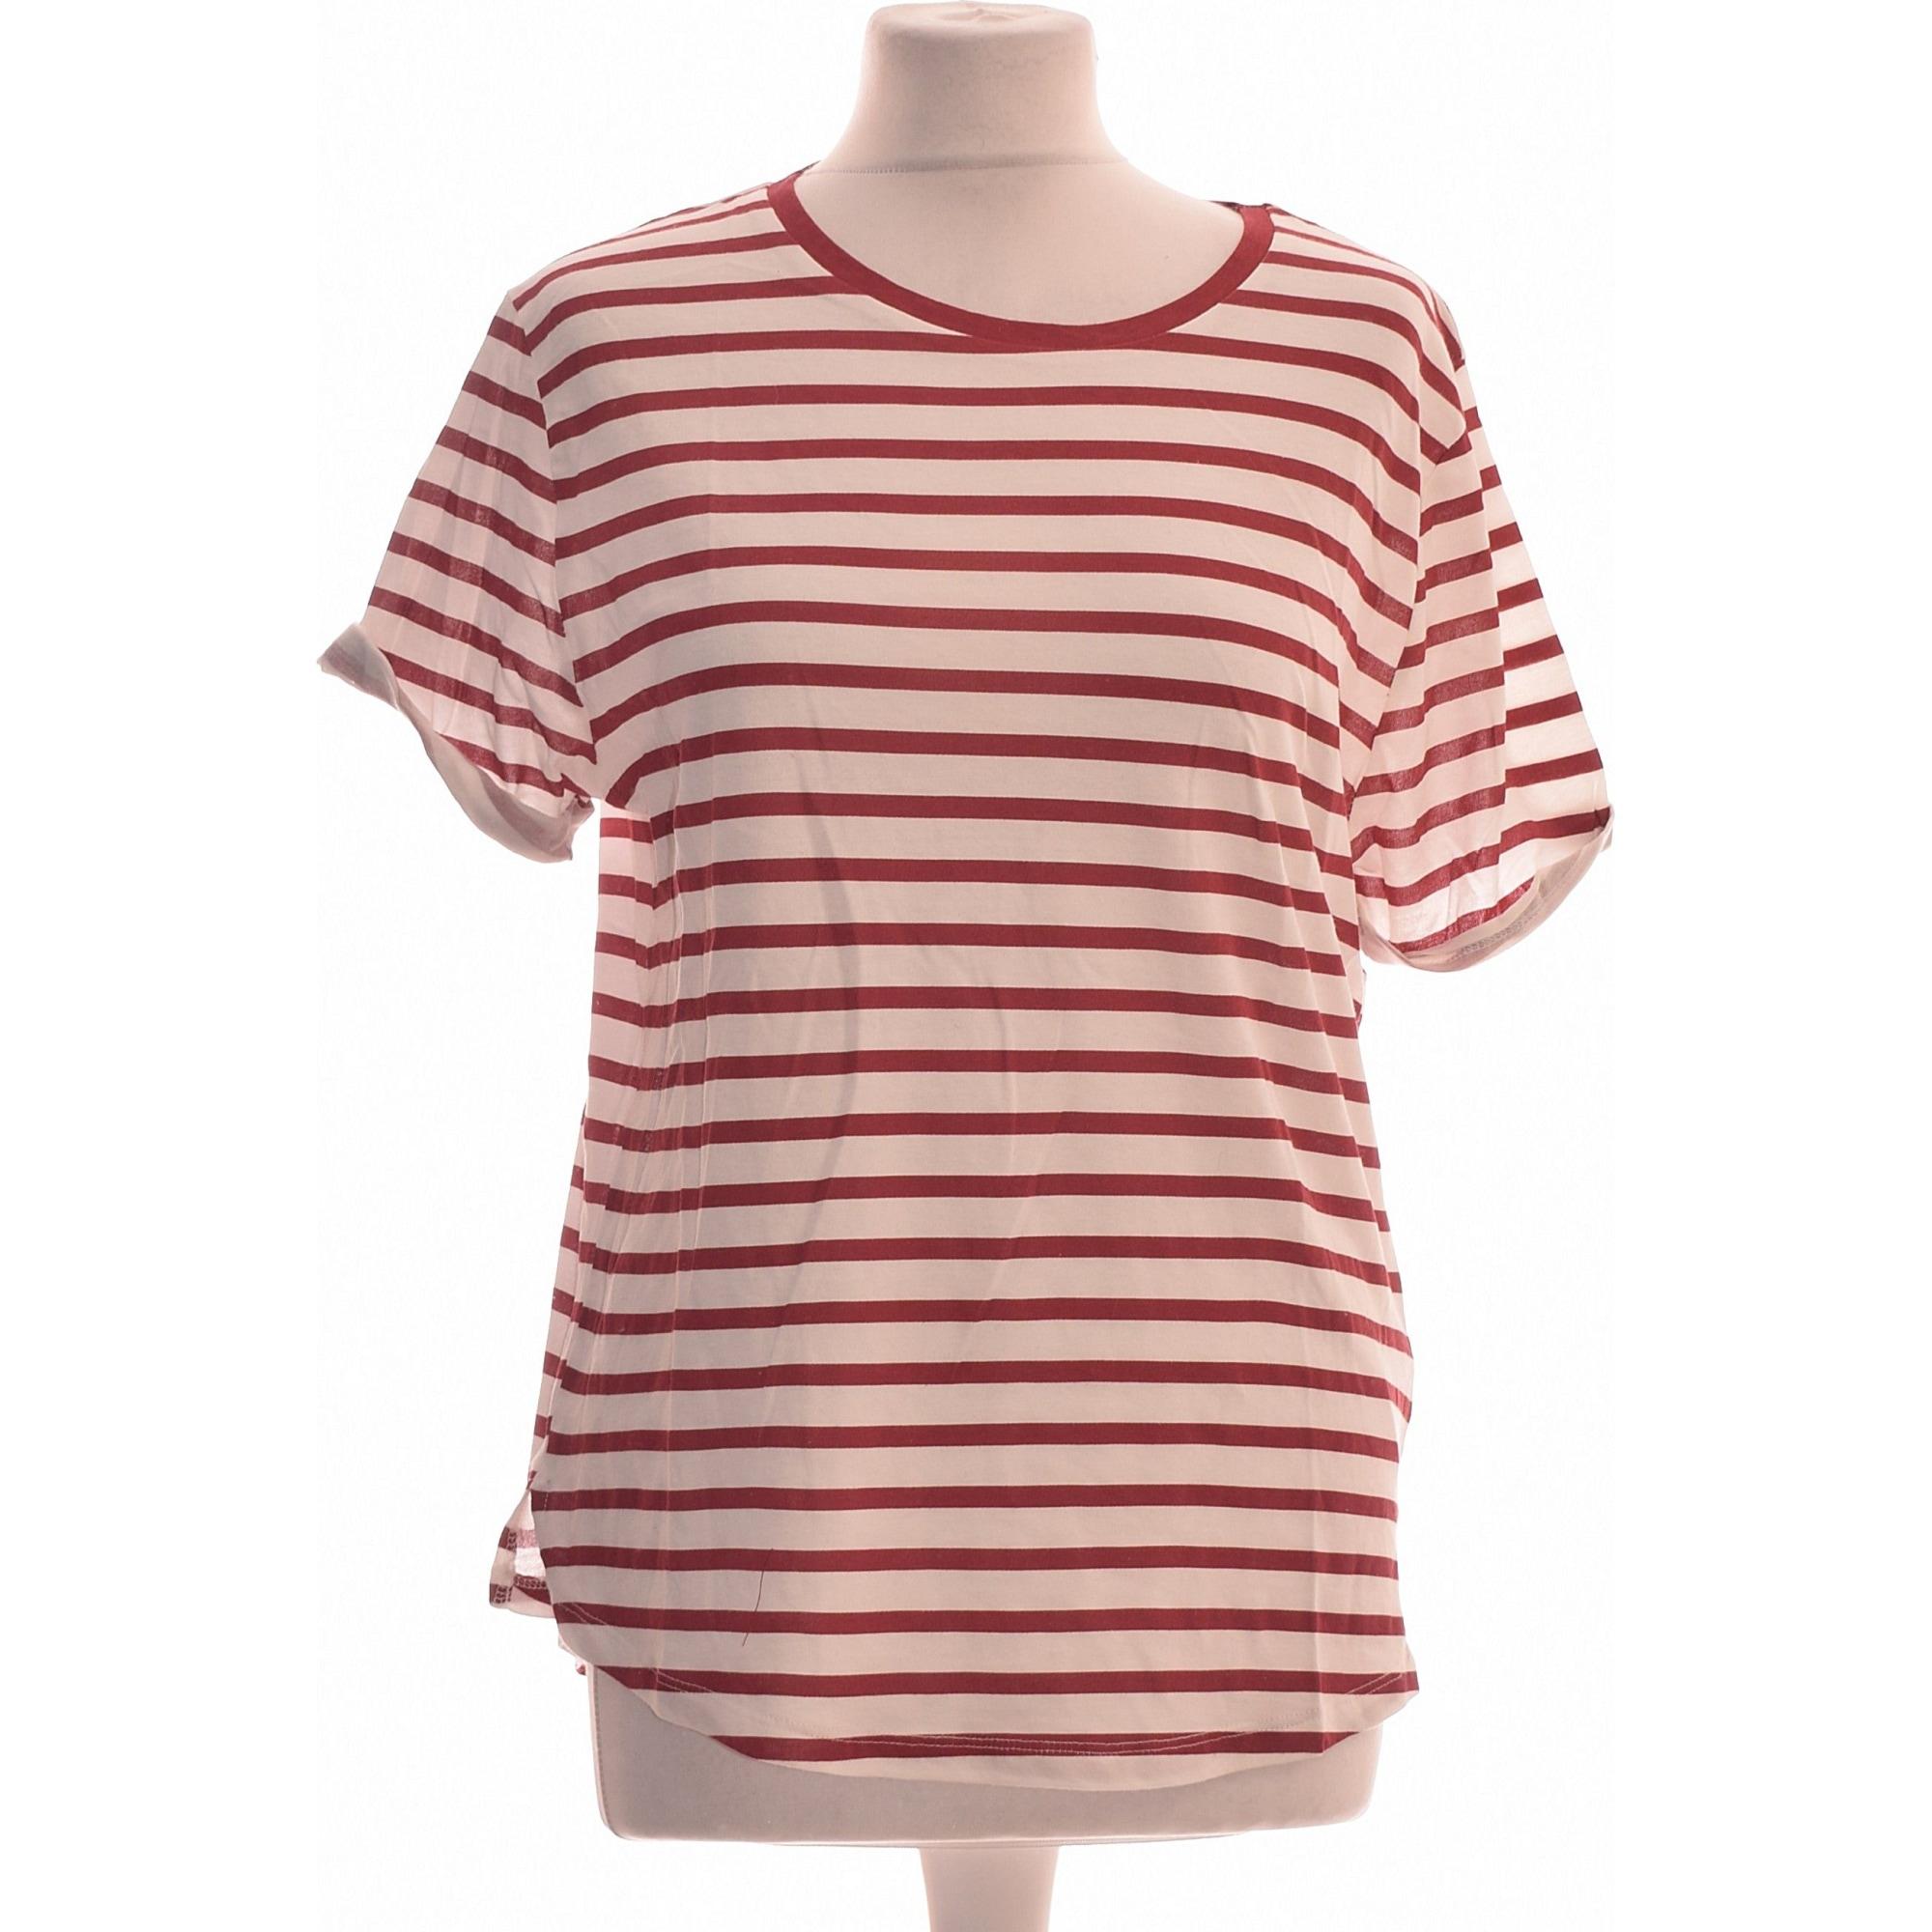 Top, tee-shirt ELEVEN PARIS Rouge, bordeaux